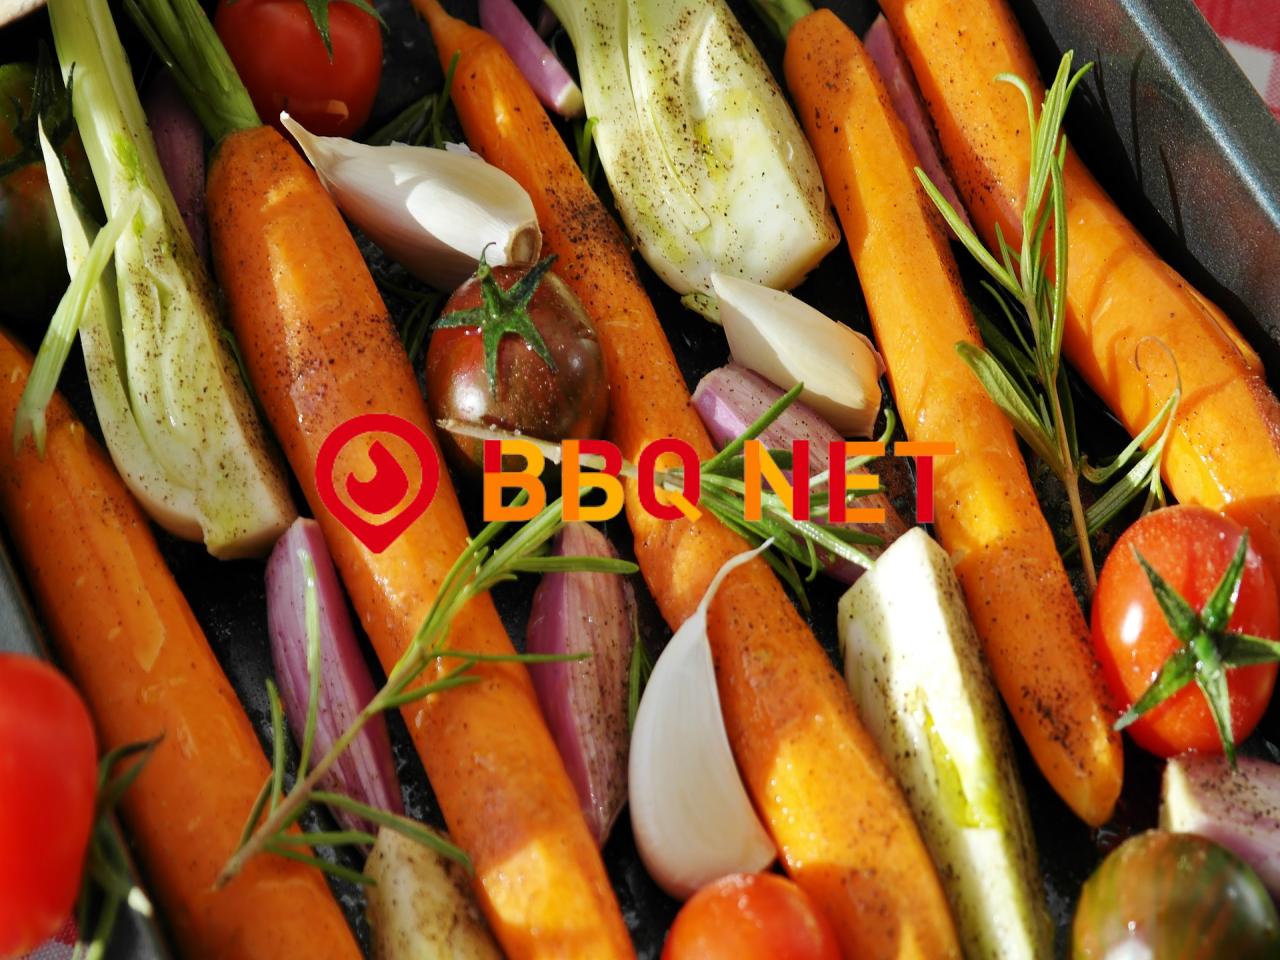 野菜で包む専門店 ベジップ WORLD BBQ 仙台店